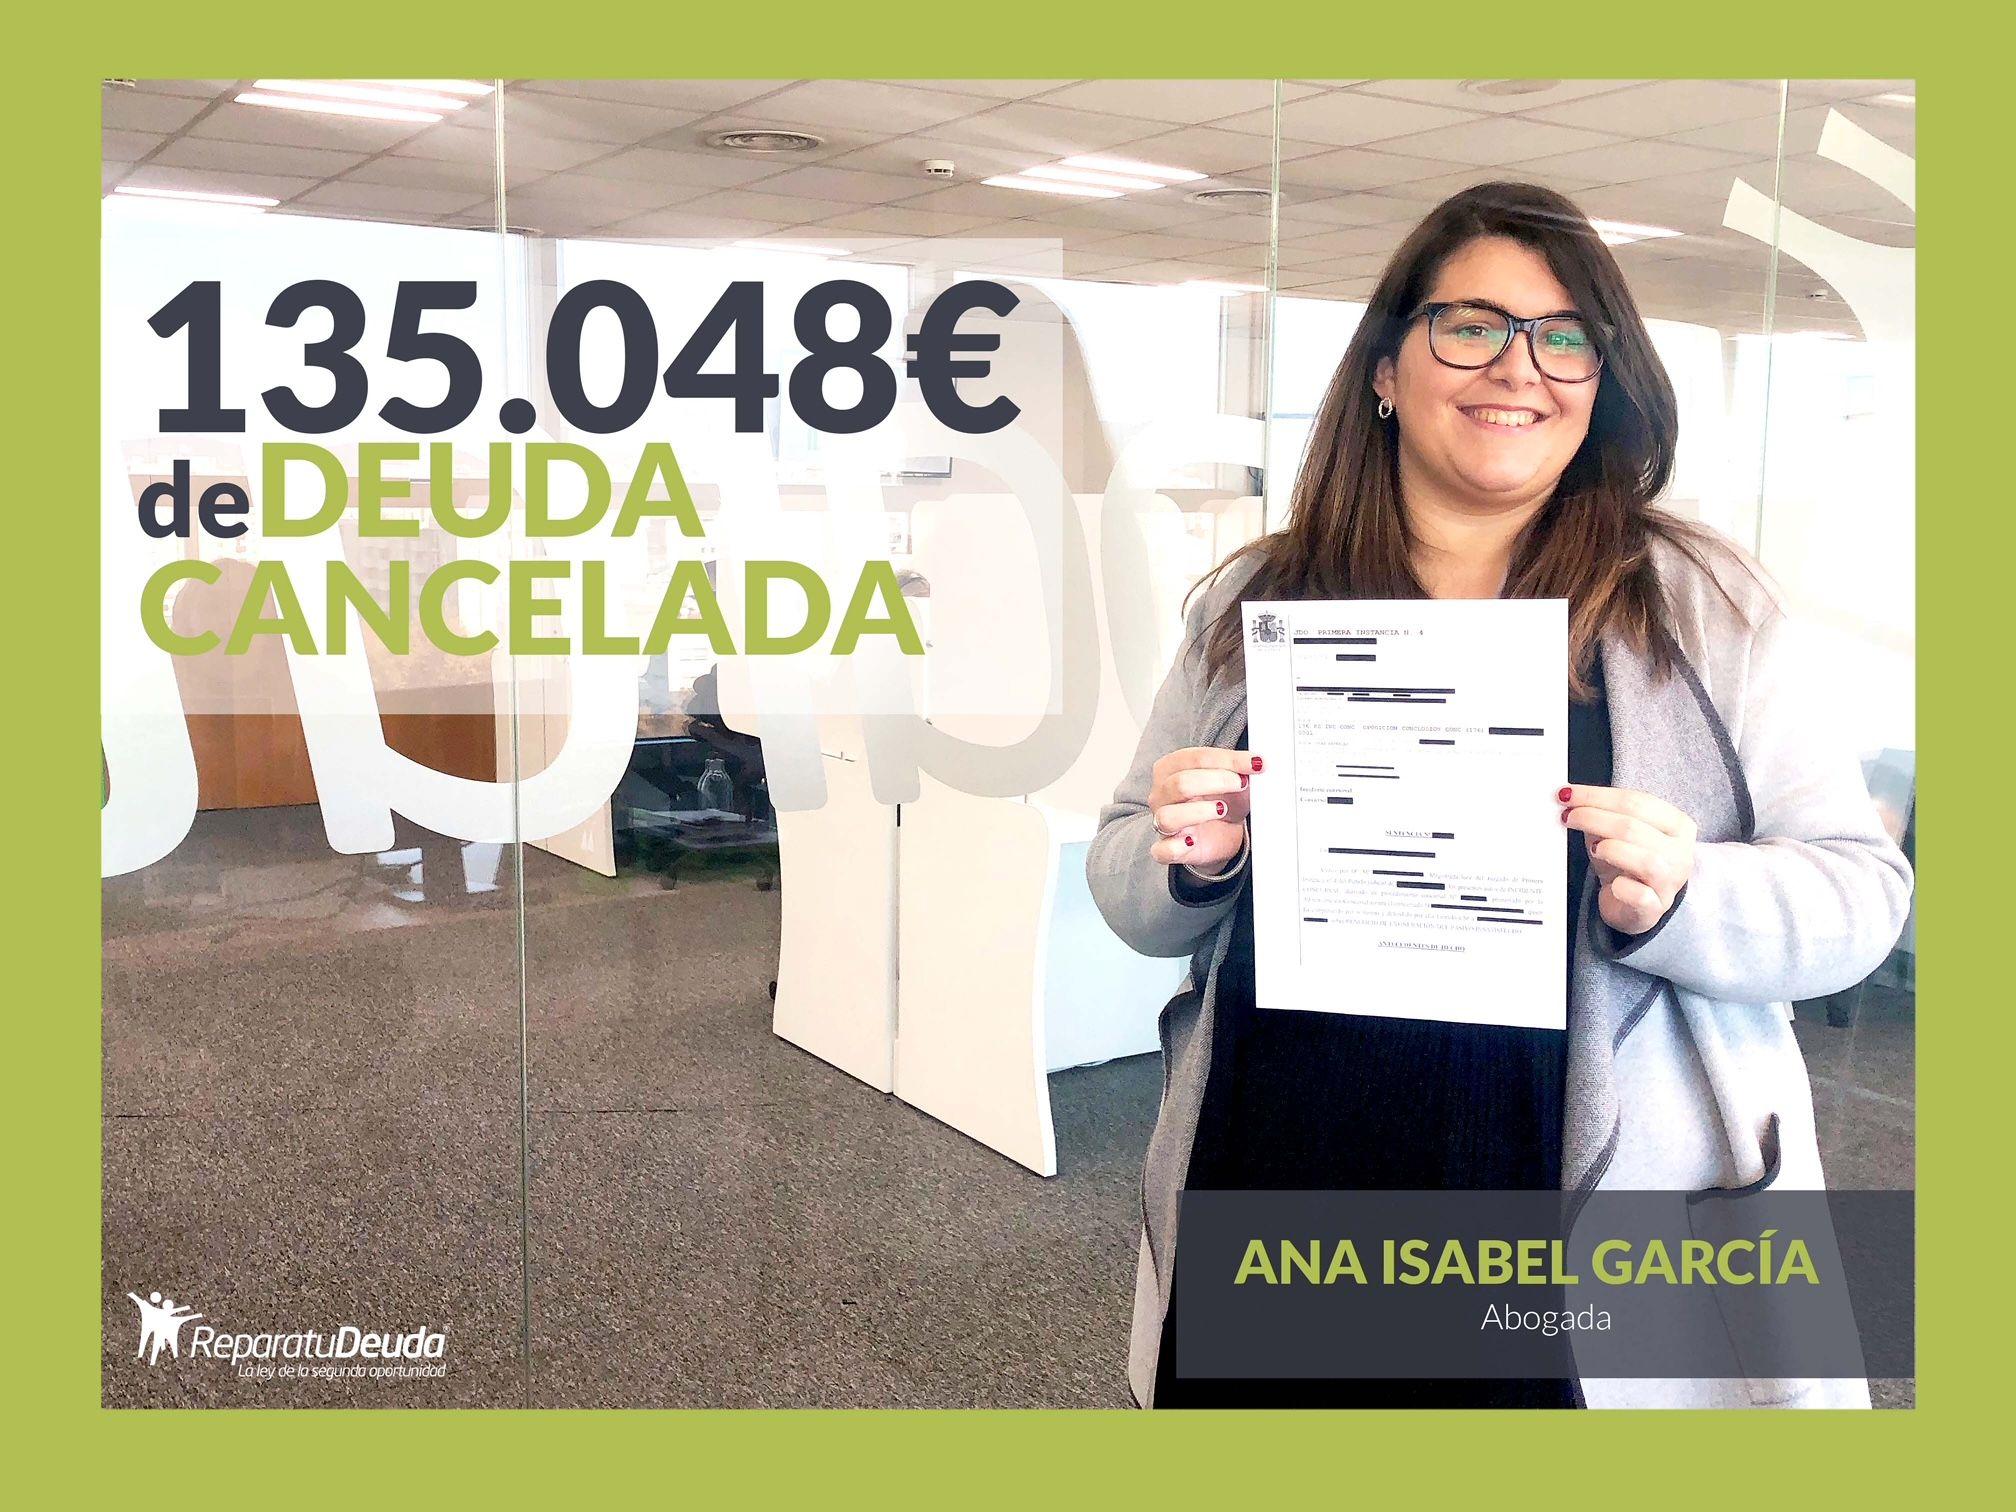 Repara tu Deuda Abogados cancela 135.048 € de deuda en Madrid con la Ley de Segunda Oportunidad